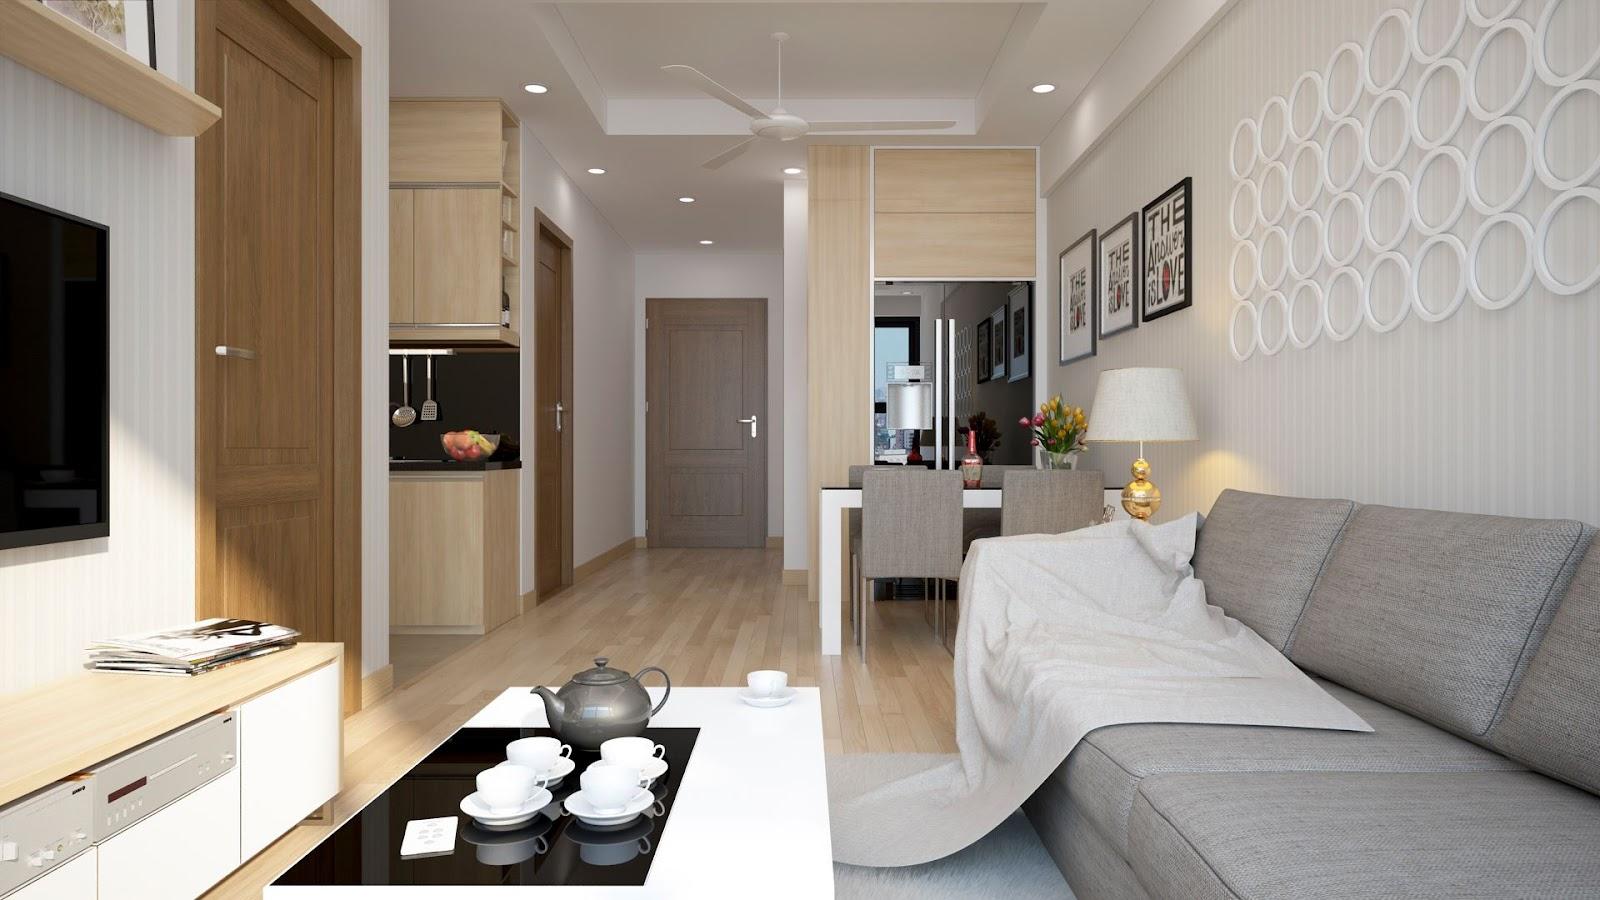 Nhu cầu thuê căn hộ chung cư trở nên phổ biến.